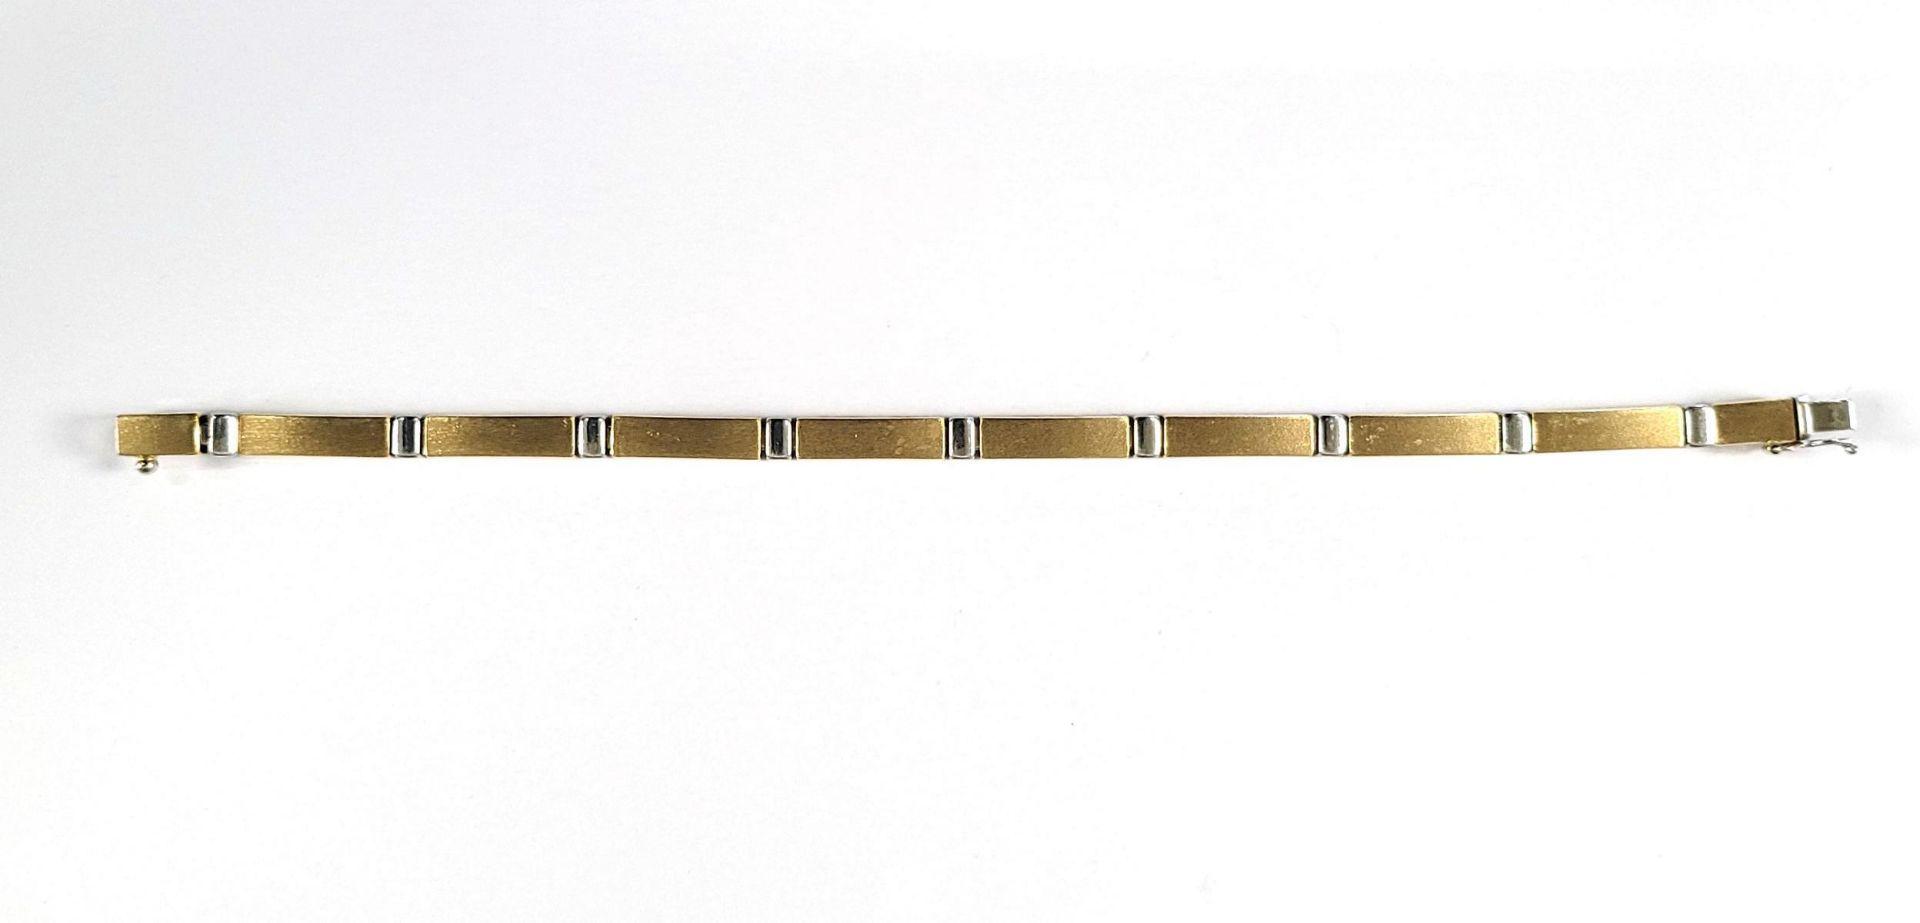 Damenarmband, 14 Karat Gelb- und Weißgold